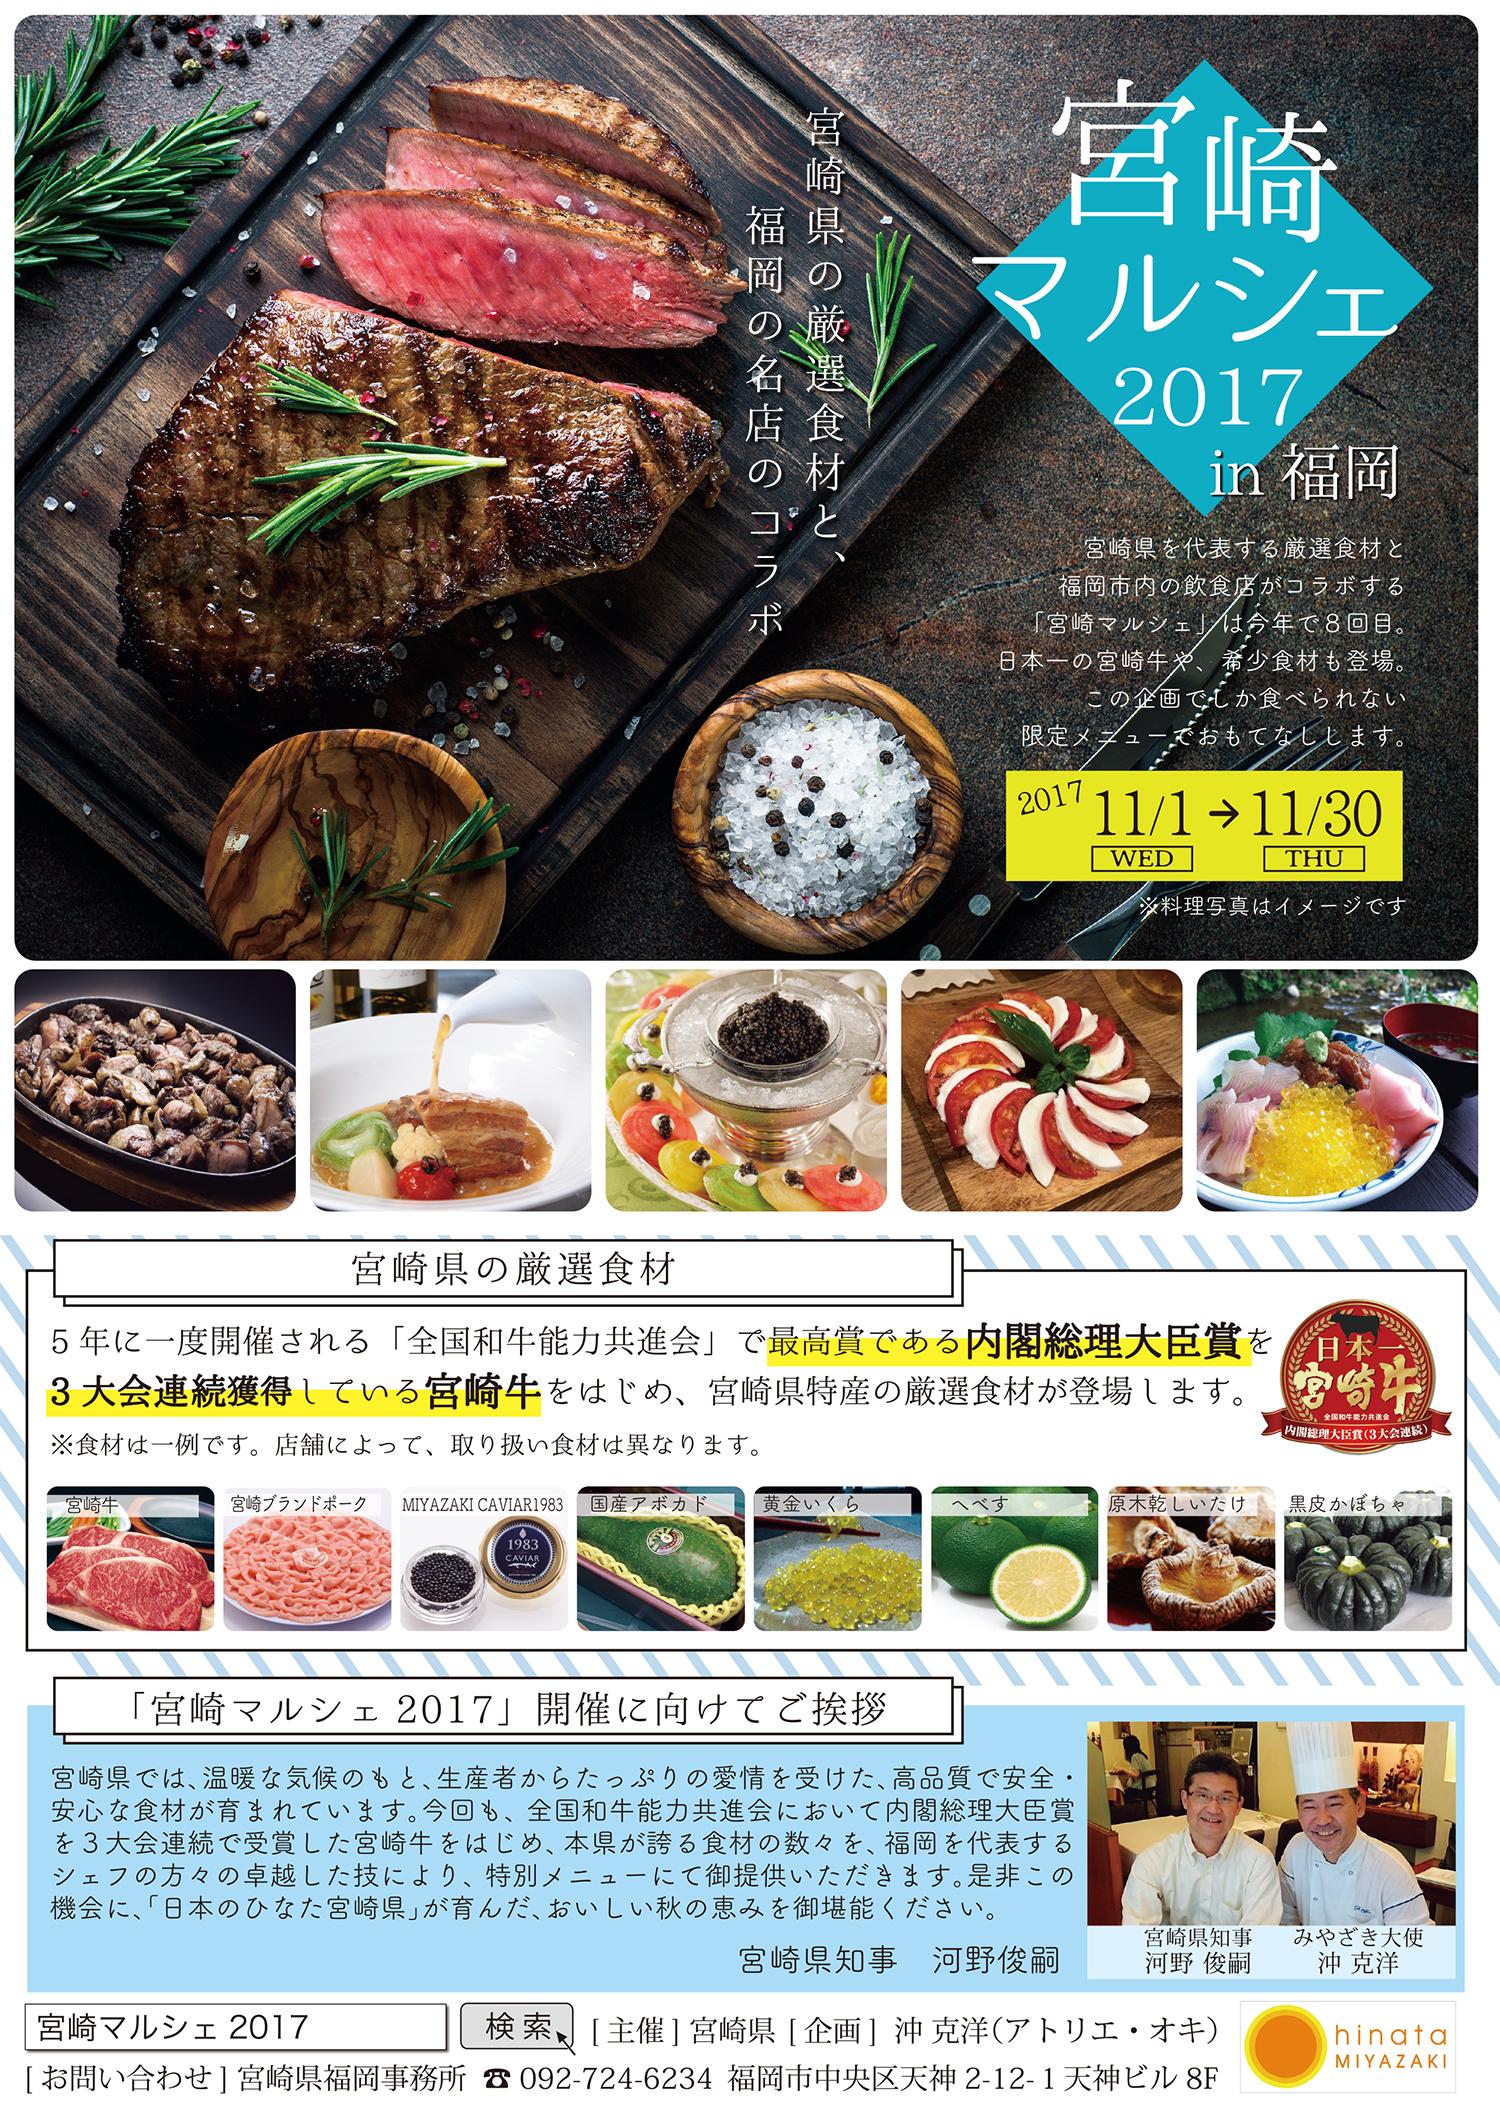 宮崎マルシェ2017in福岡